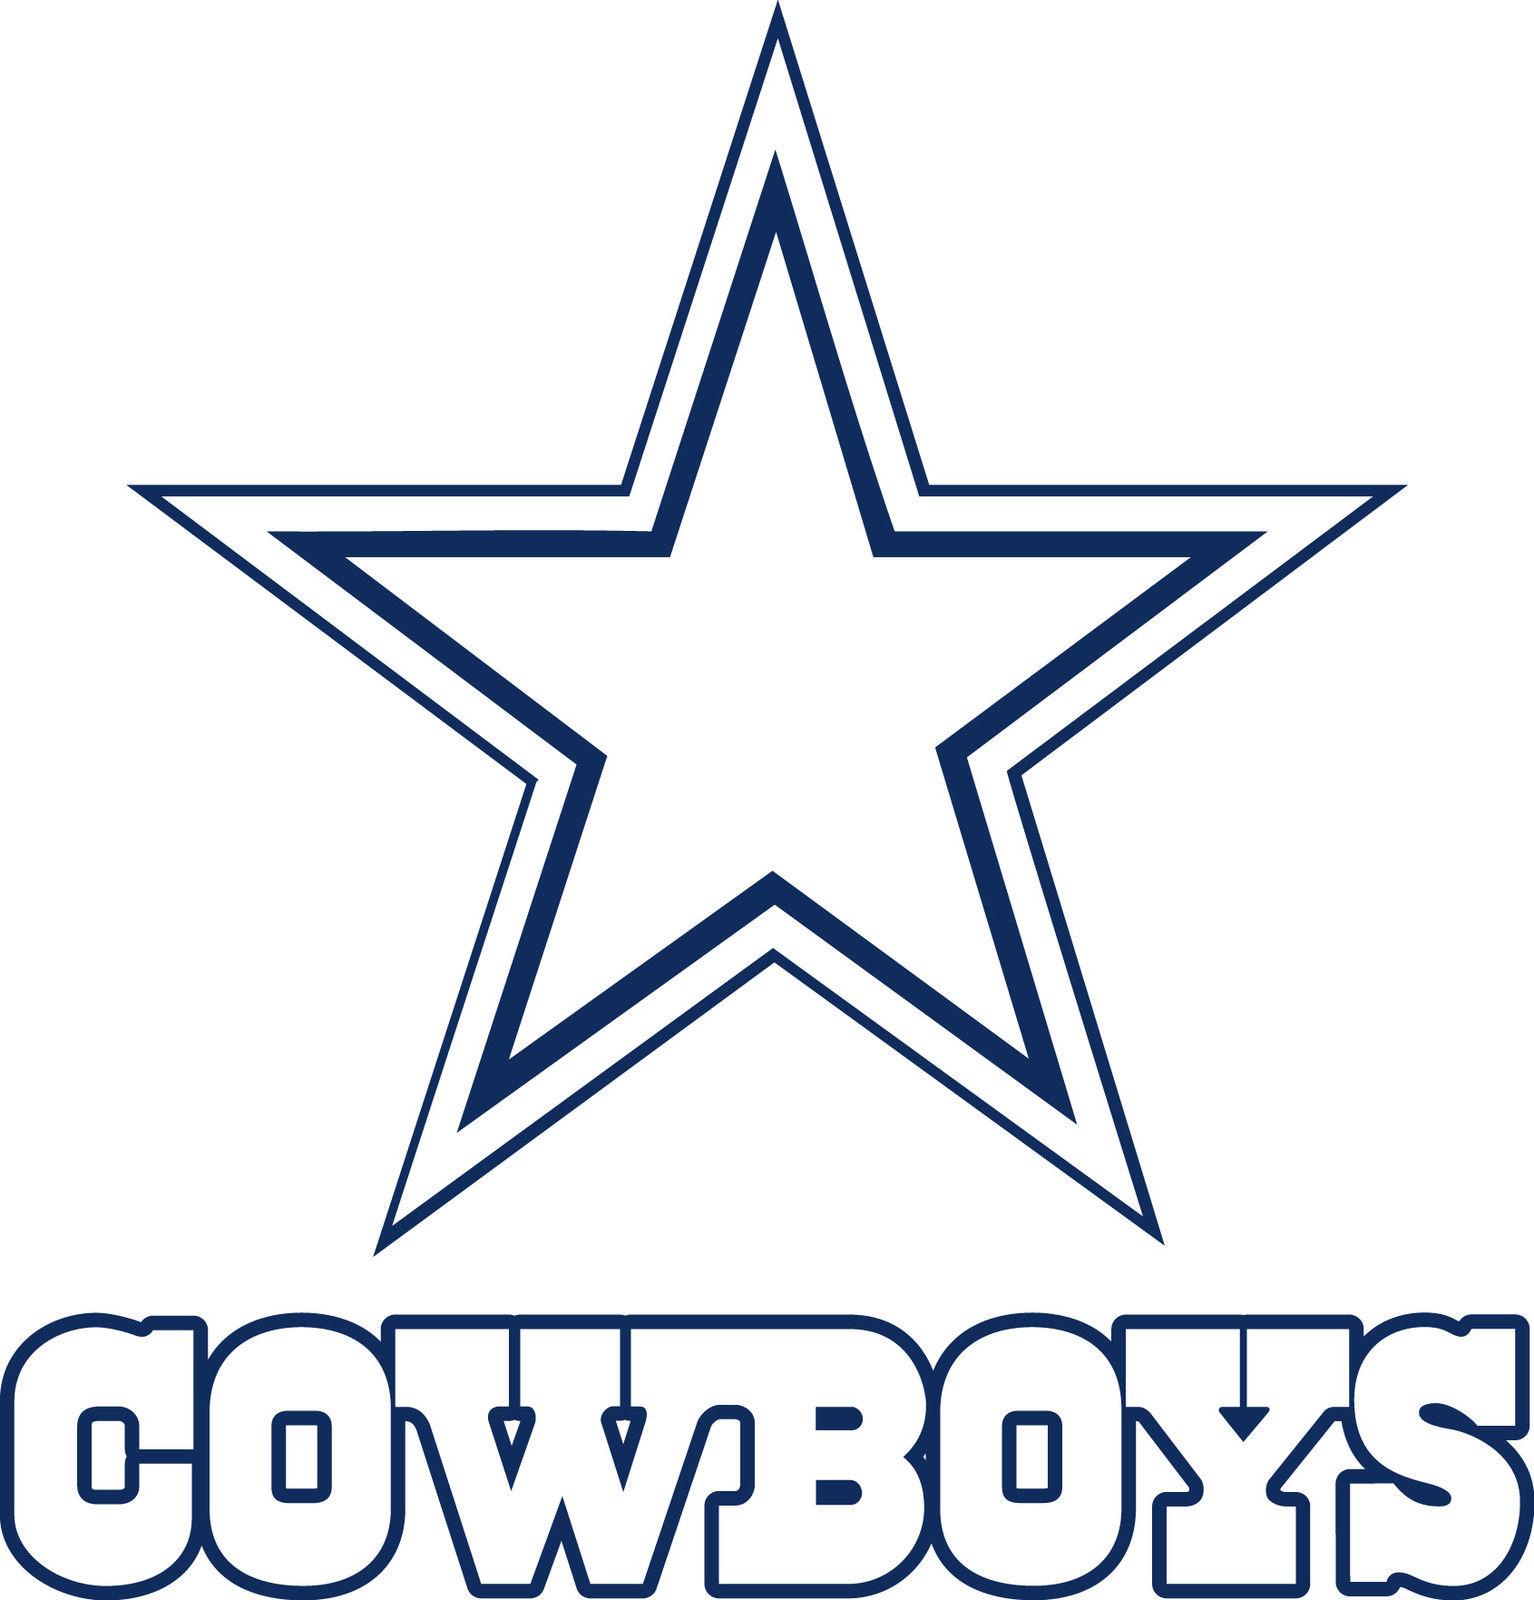 Cowboy Star Clipart - Clipart Kid